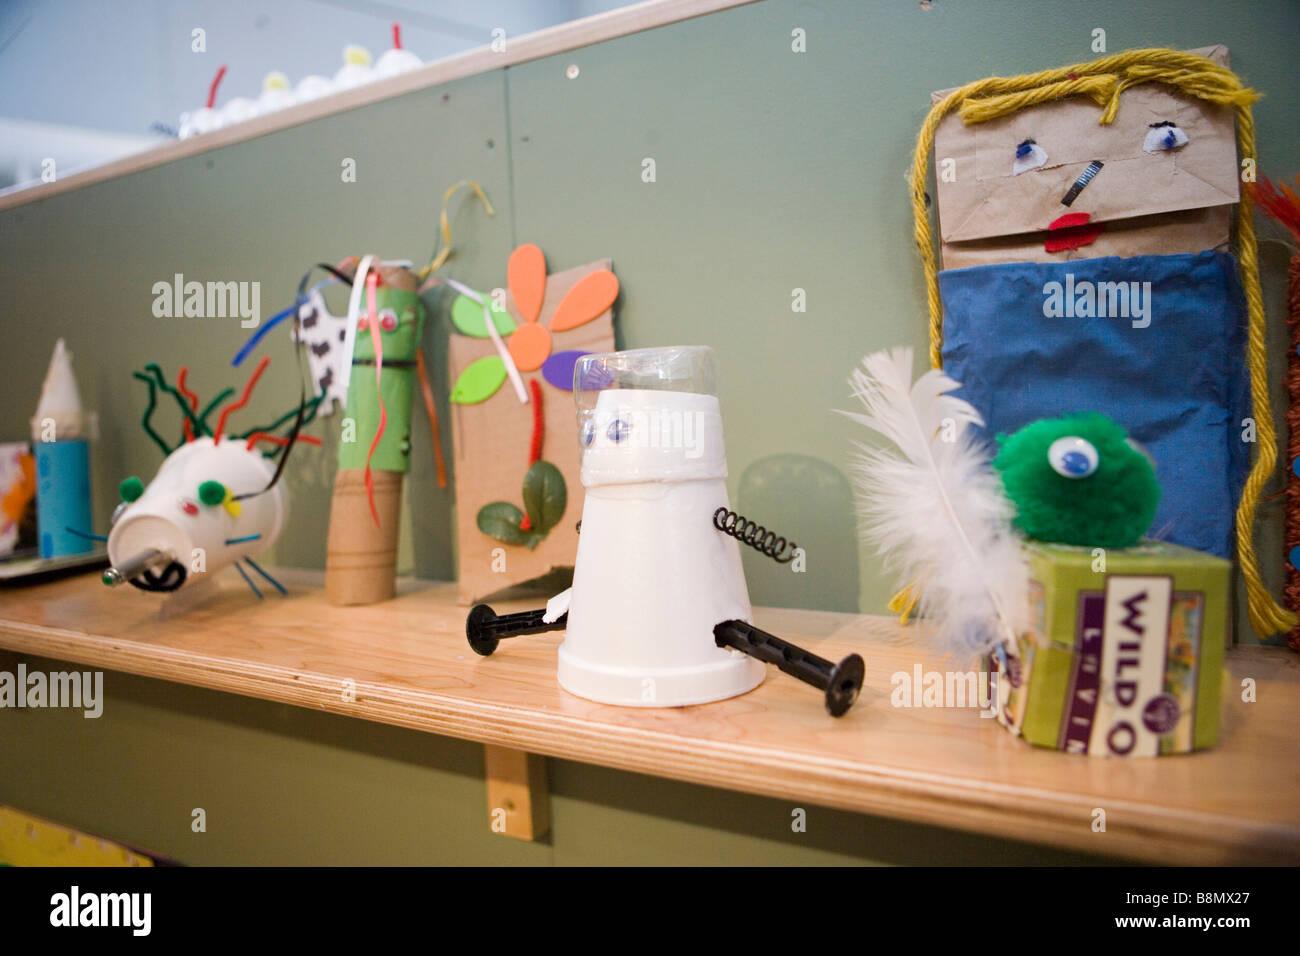 Borsa marionette, bambole e giocattoli fatti di semplici materiali riciclati Immagini Stock